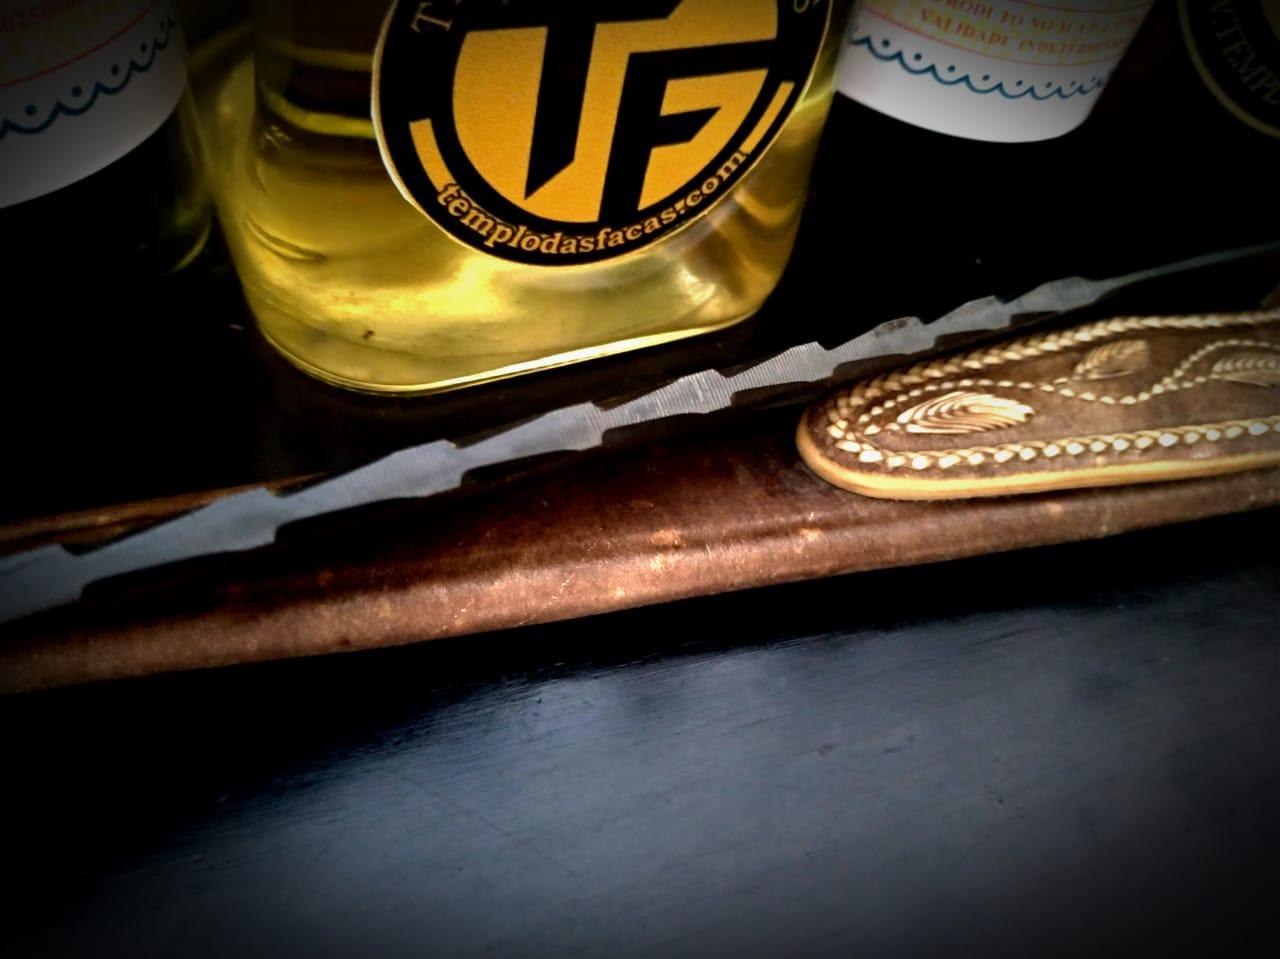 Faca artesanal forjada de antiga  lima Suiça LGHCBEI 12 polegadas